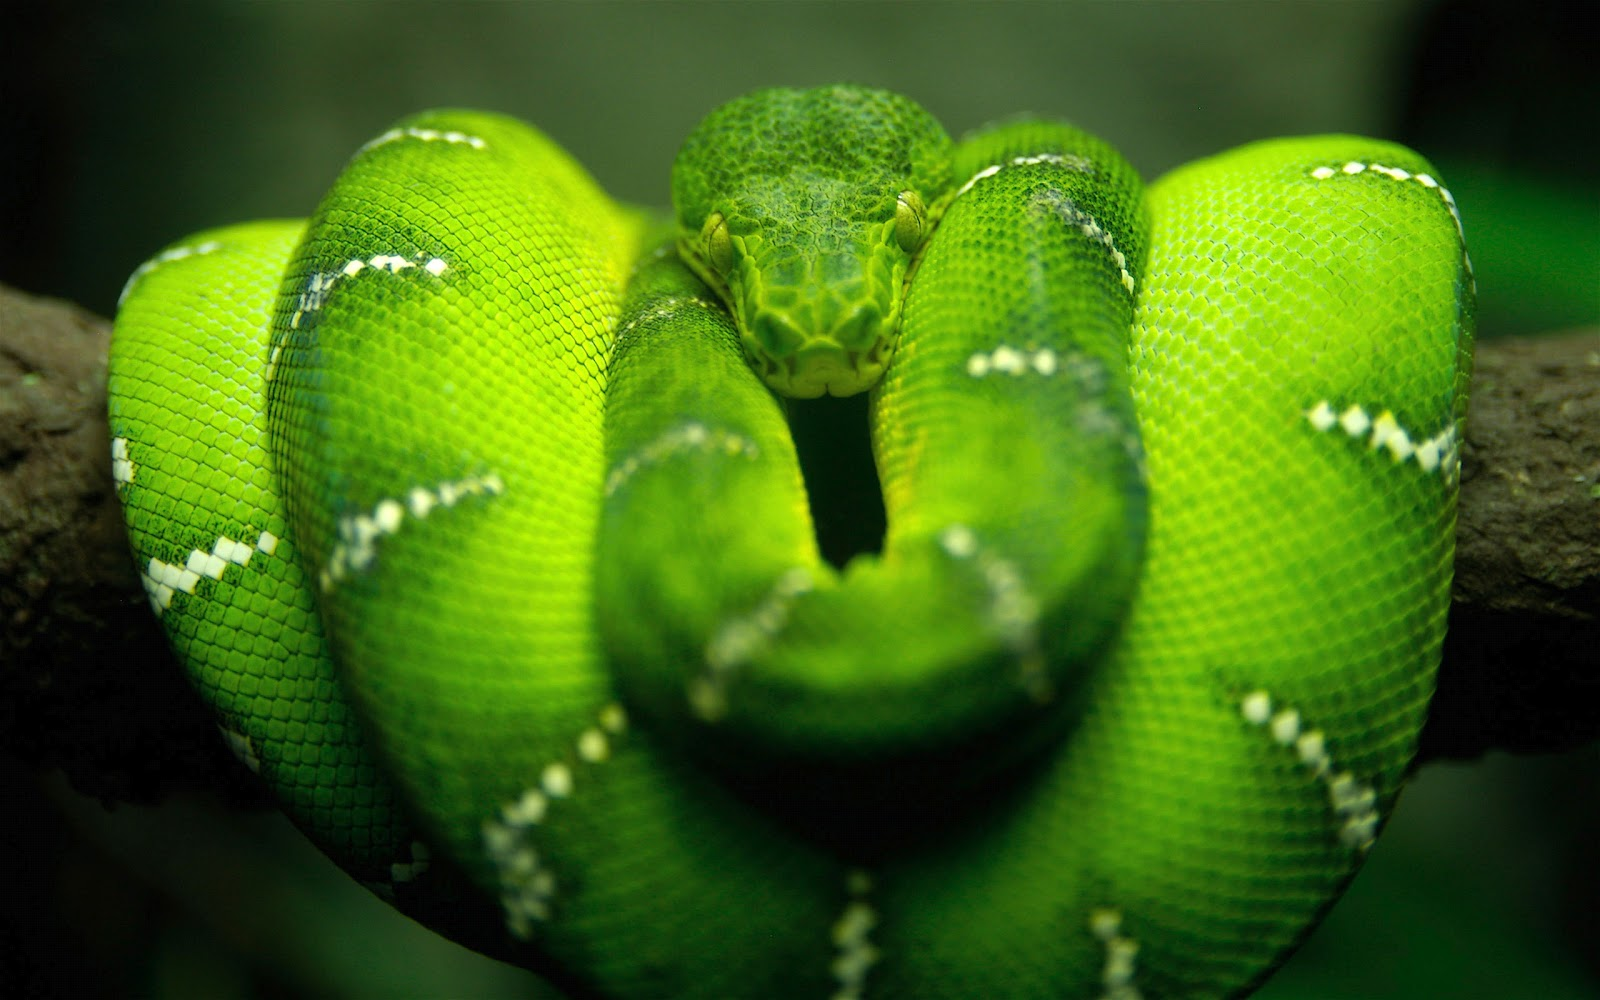 http://4.bp.blogspot.com/-6DTEA4Y4ej0/UGMtfyaMwuI/AAAAAAAAA1w/7Kw1xqufy3Q/s1600/5355_animals_hd_wallpapers_snake_green.jpg